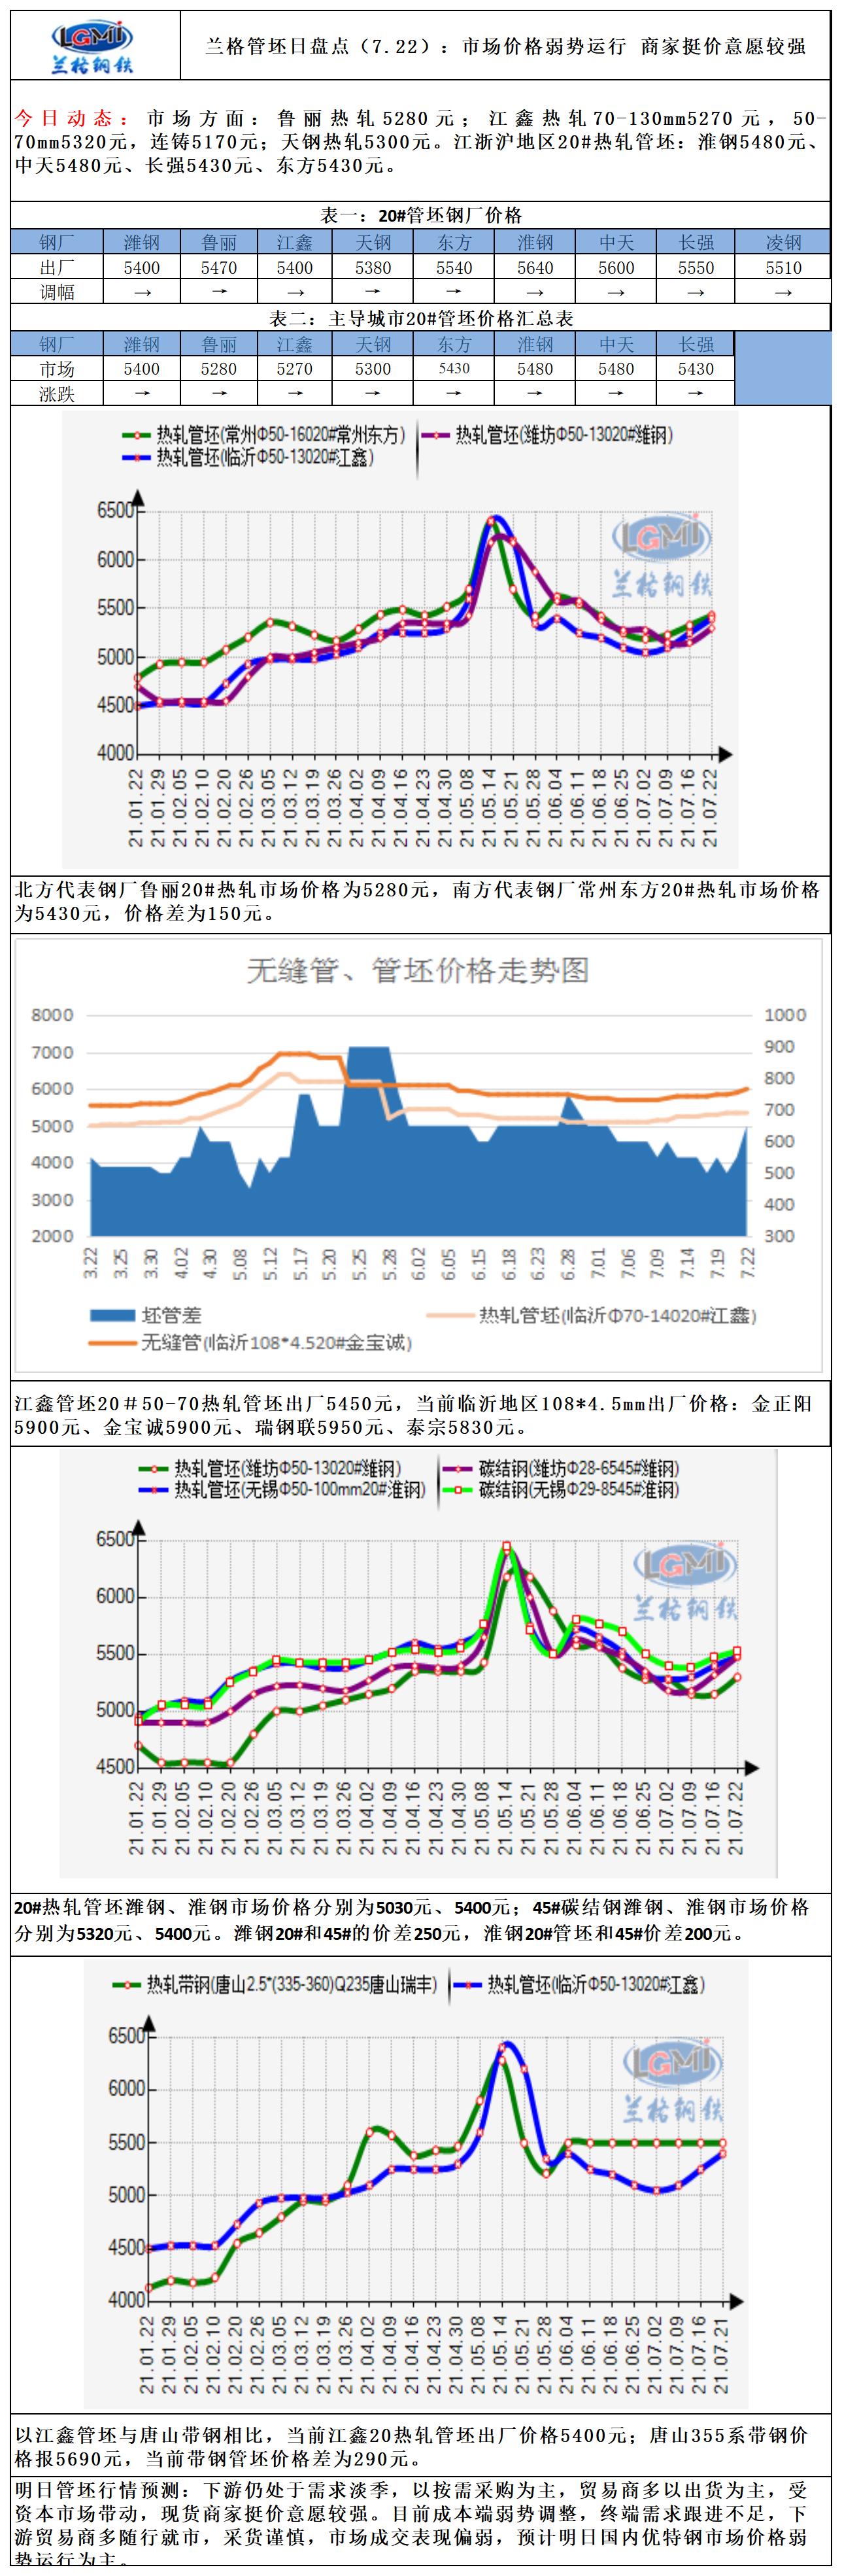 兰格管坯日盘点(7.22):市场价格弱势运行 商家挺价意愿较强